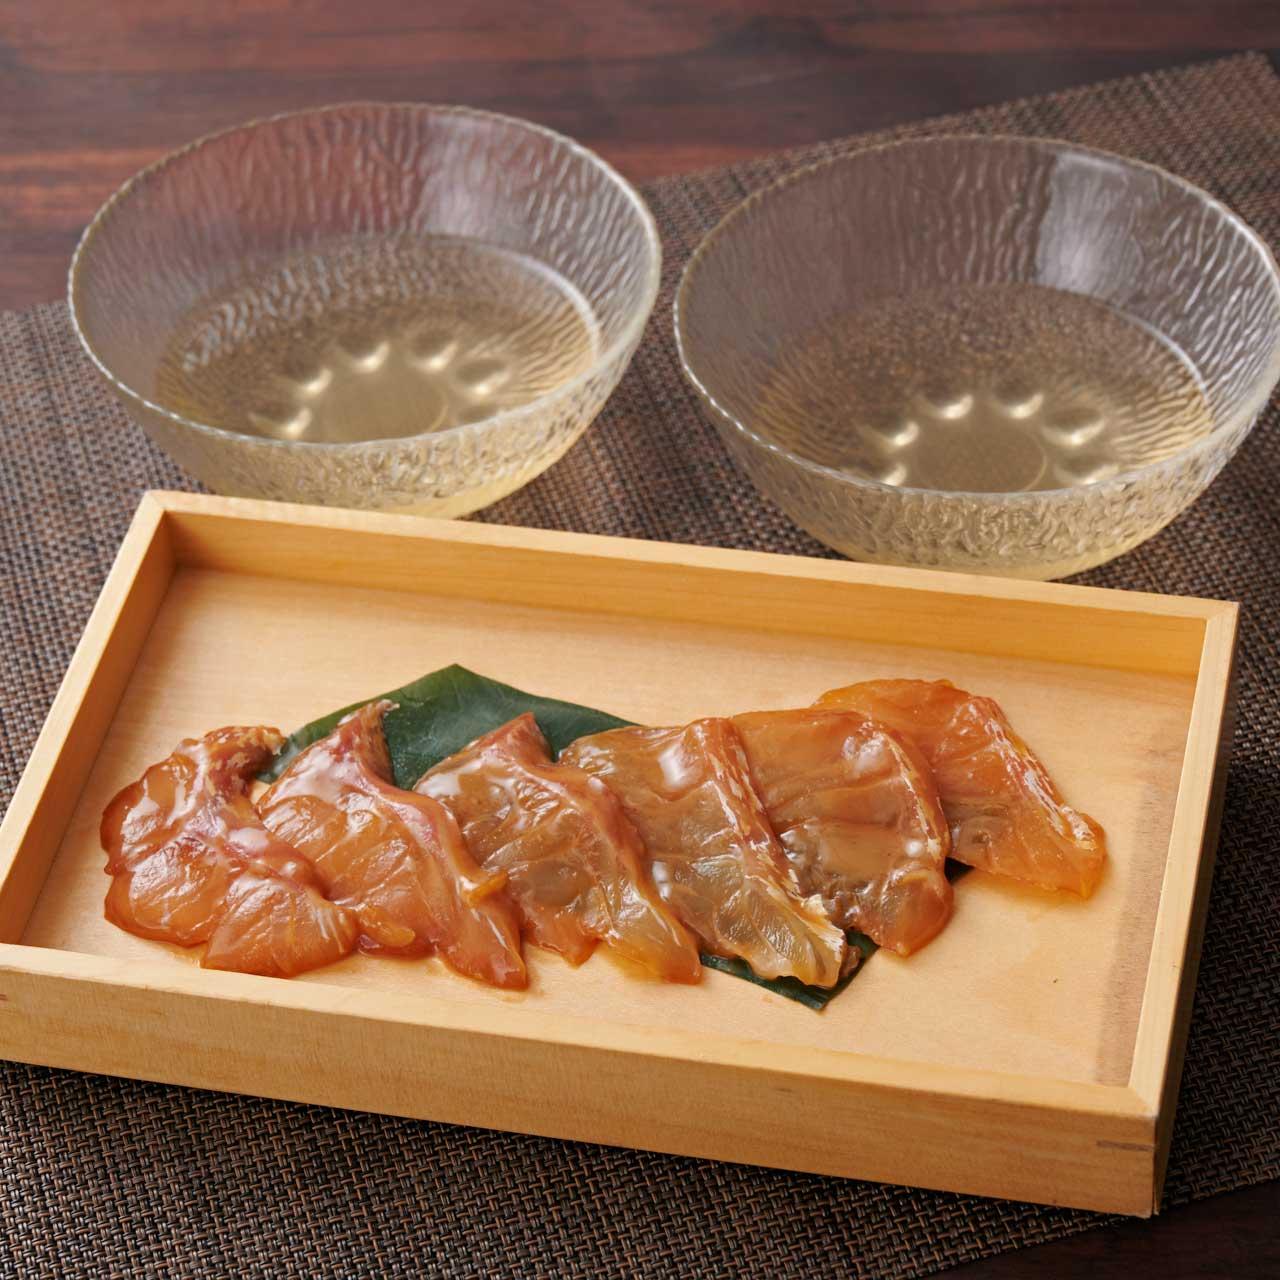 【板前の手仕事】魚惣菜セット − 渚 −